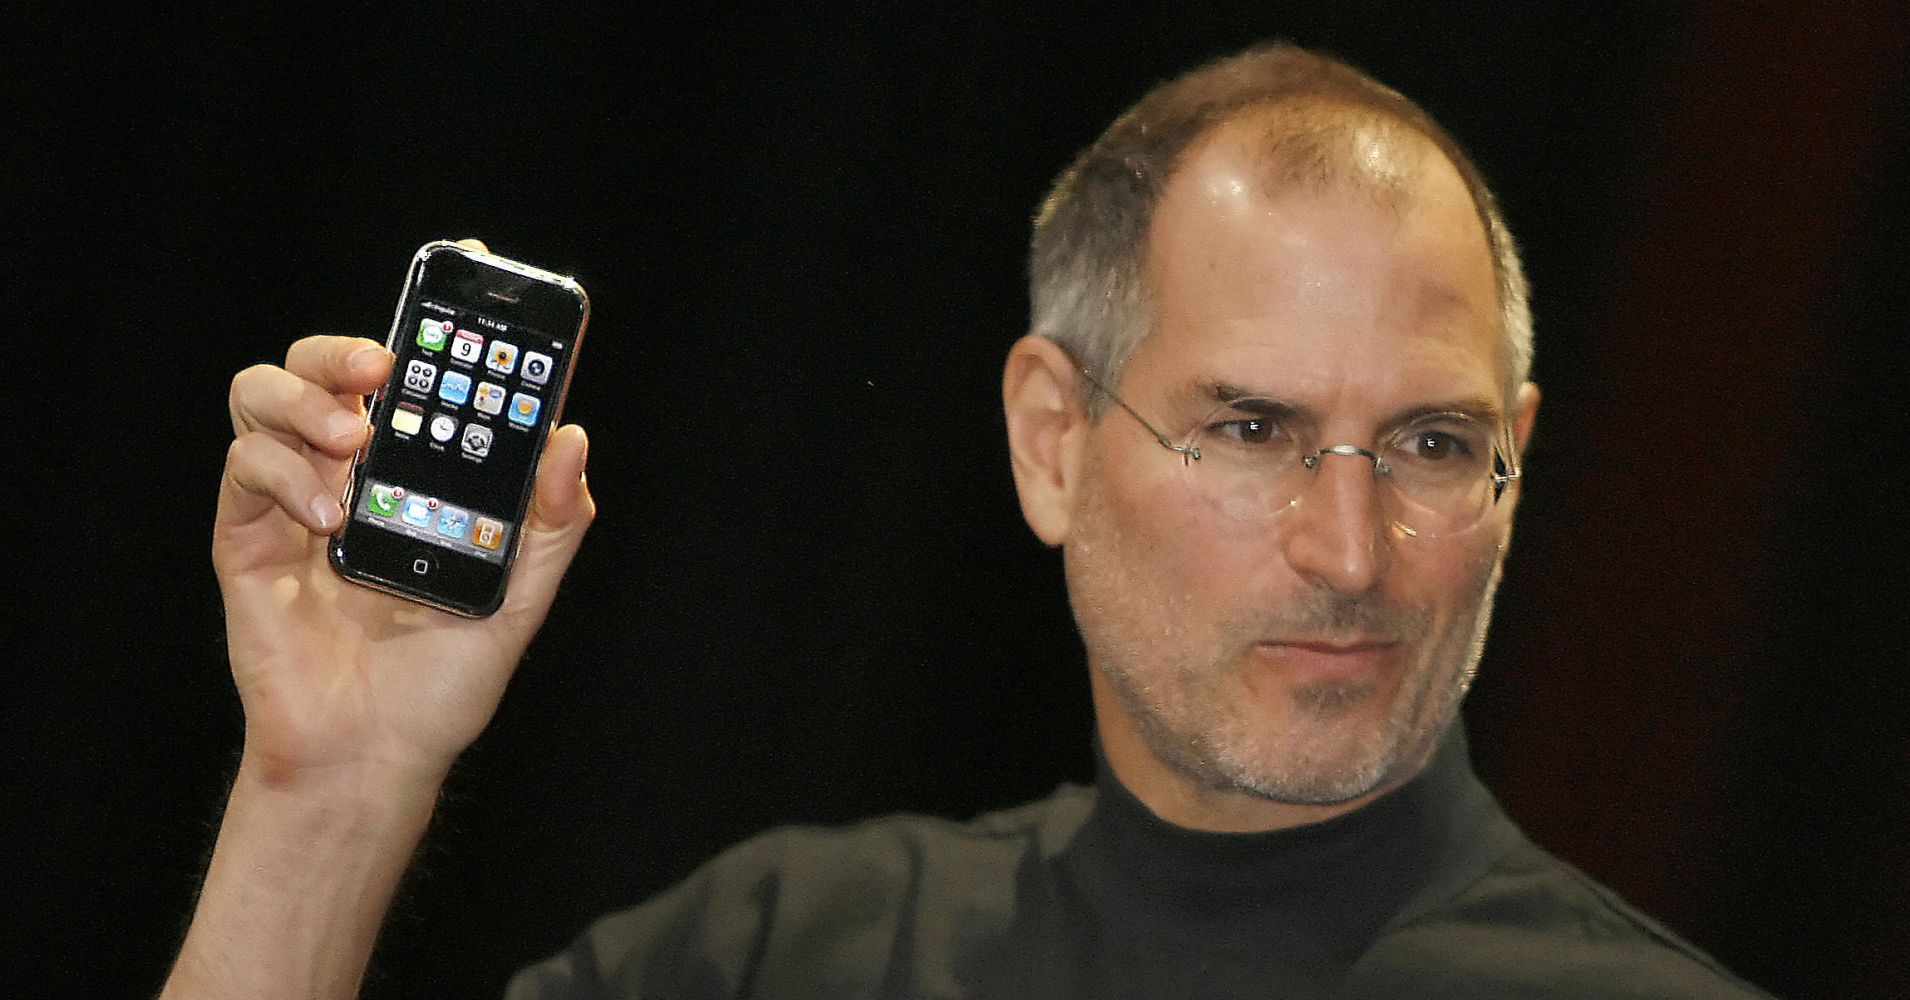 苹果APPStore十年还记得2008年哪些应用最火吗